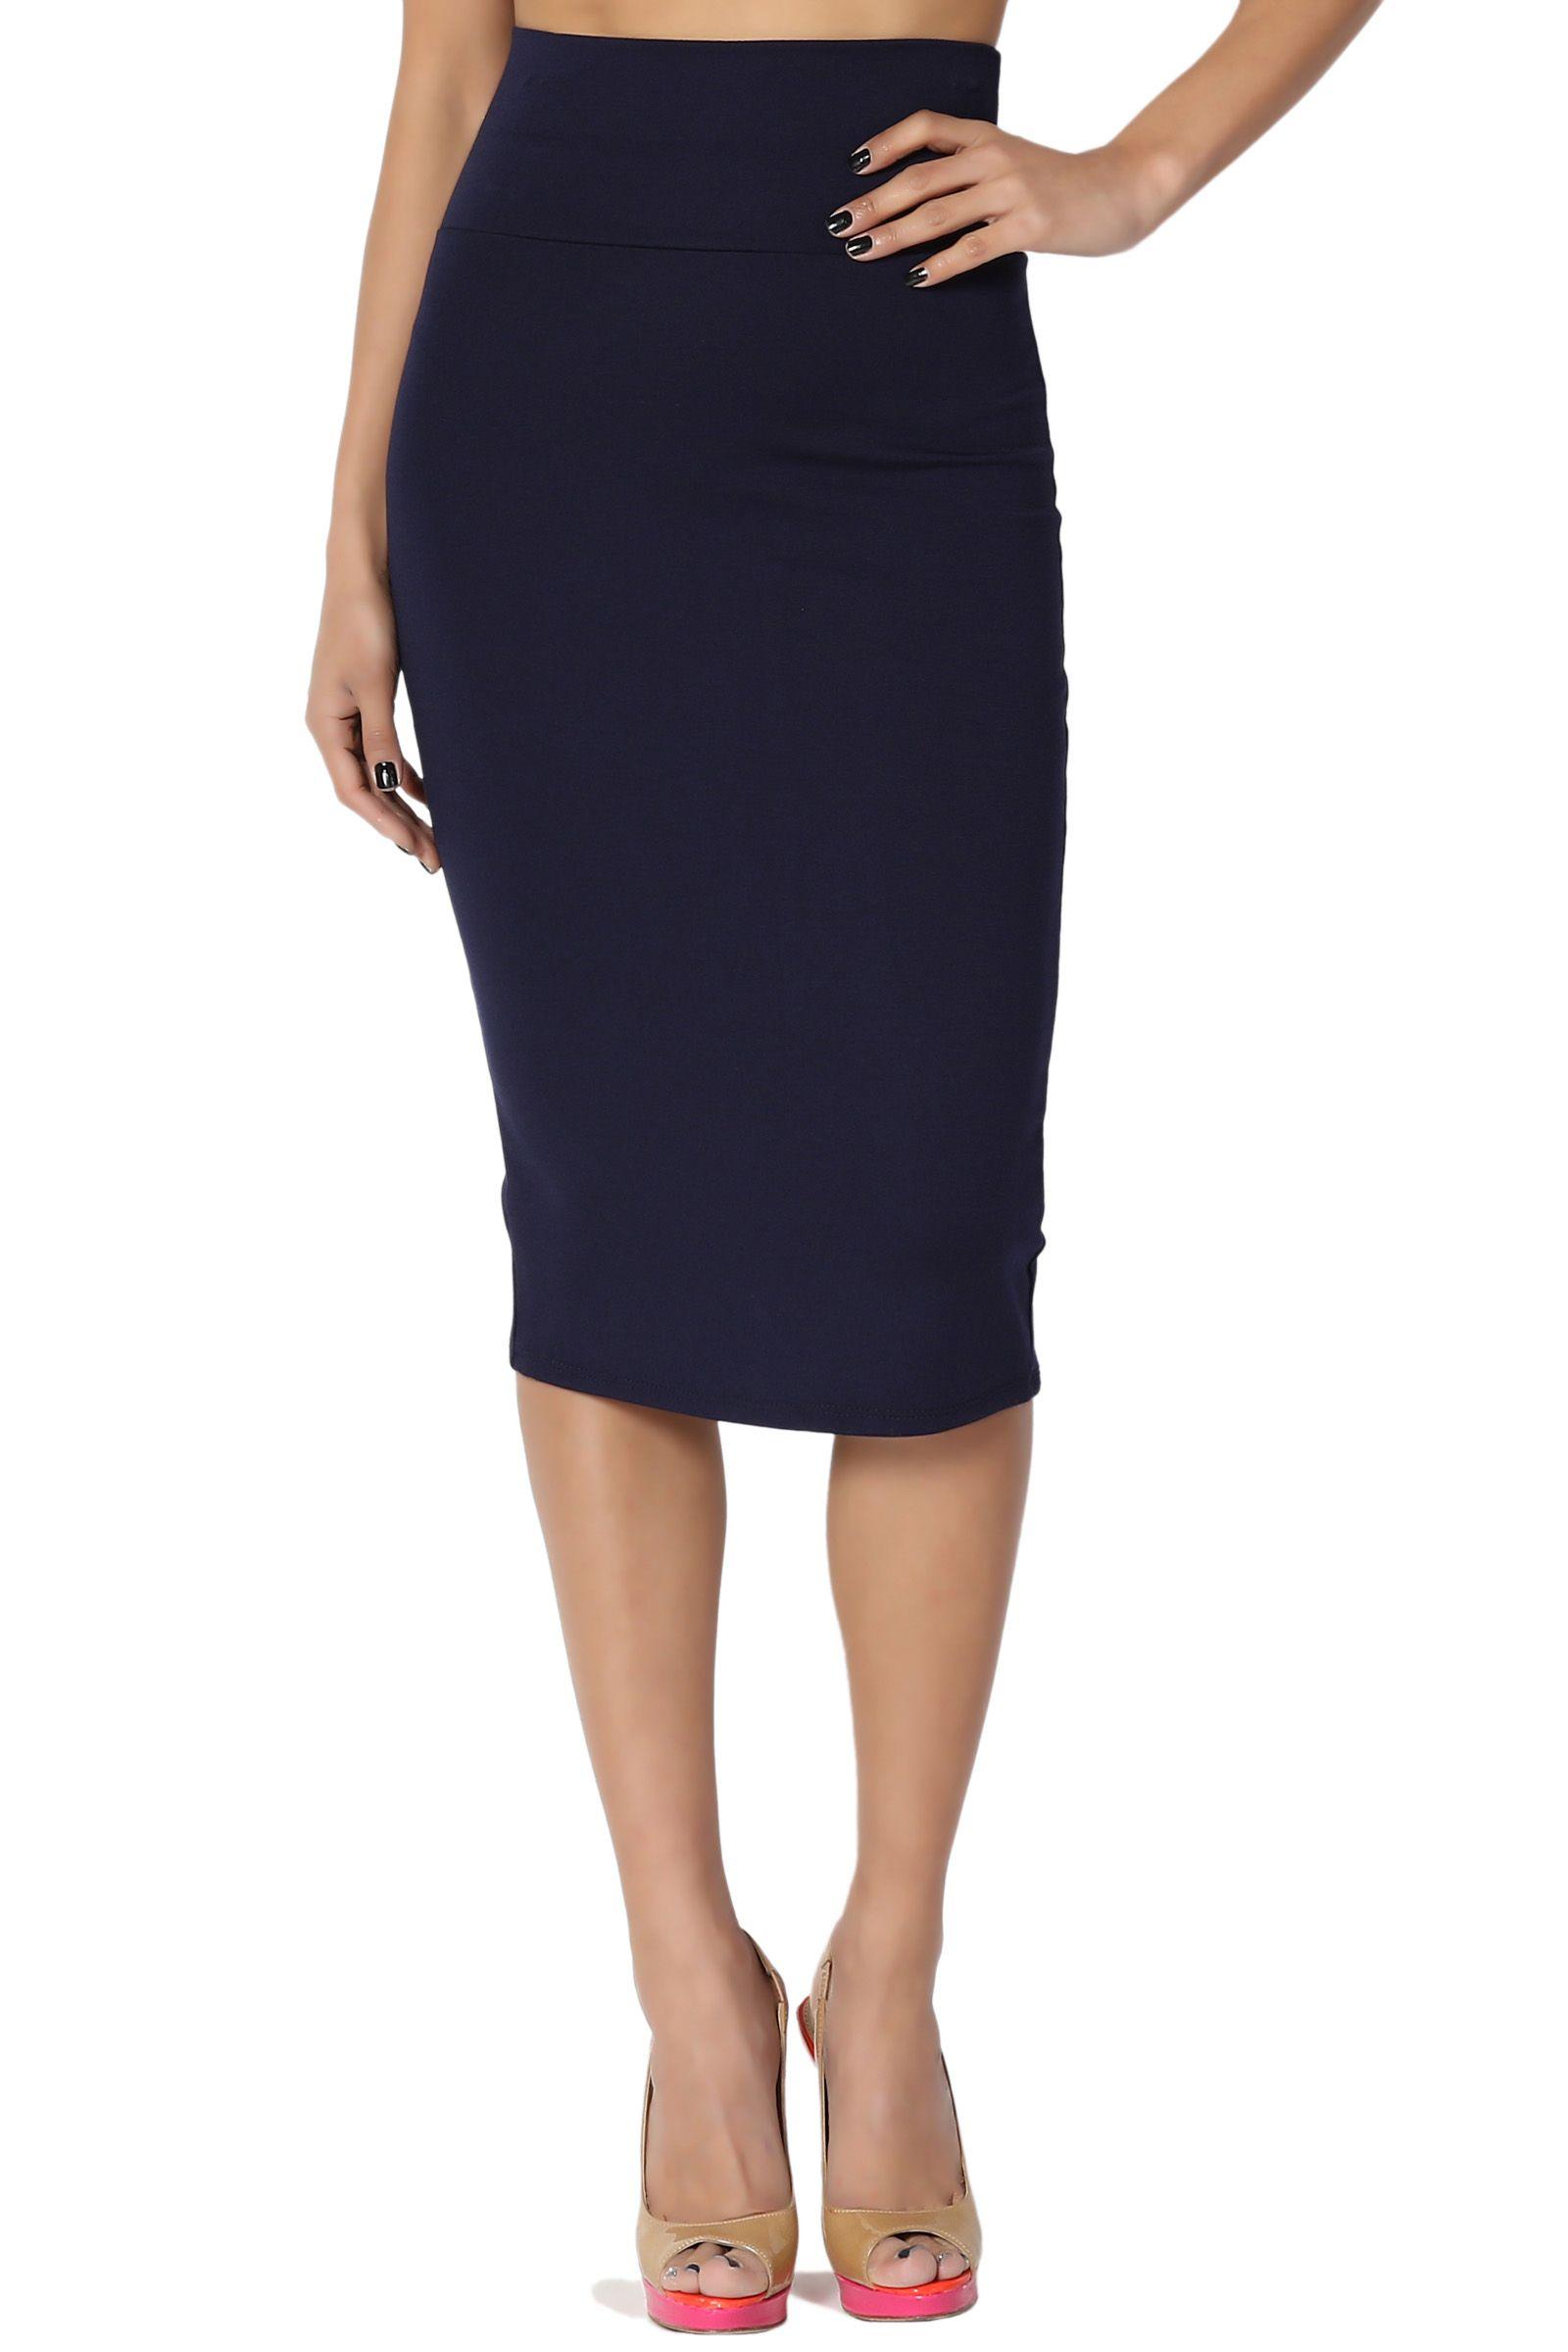 1a644770b TheMogan Women's Foldover Waistband High Waist Pull On Stretchy Pencil Midi  Skirt#Waistband, #High, #Foldover